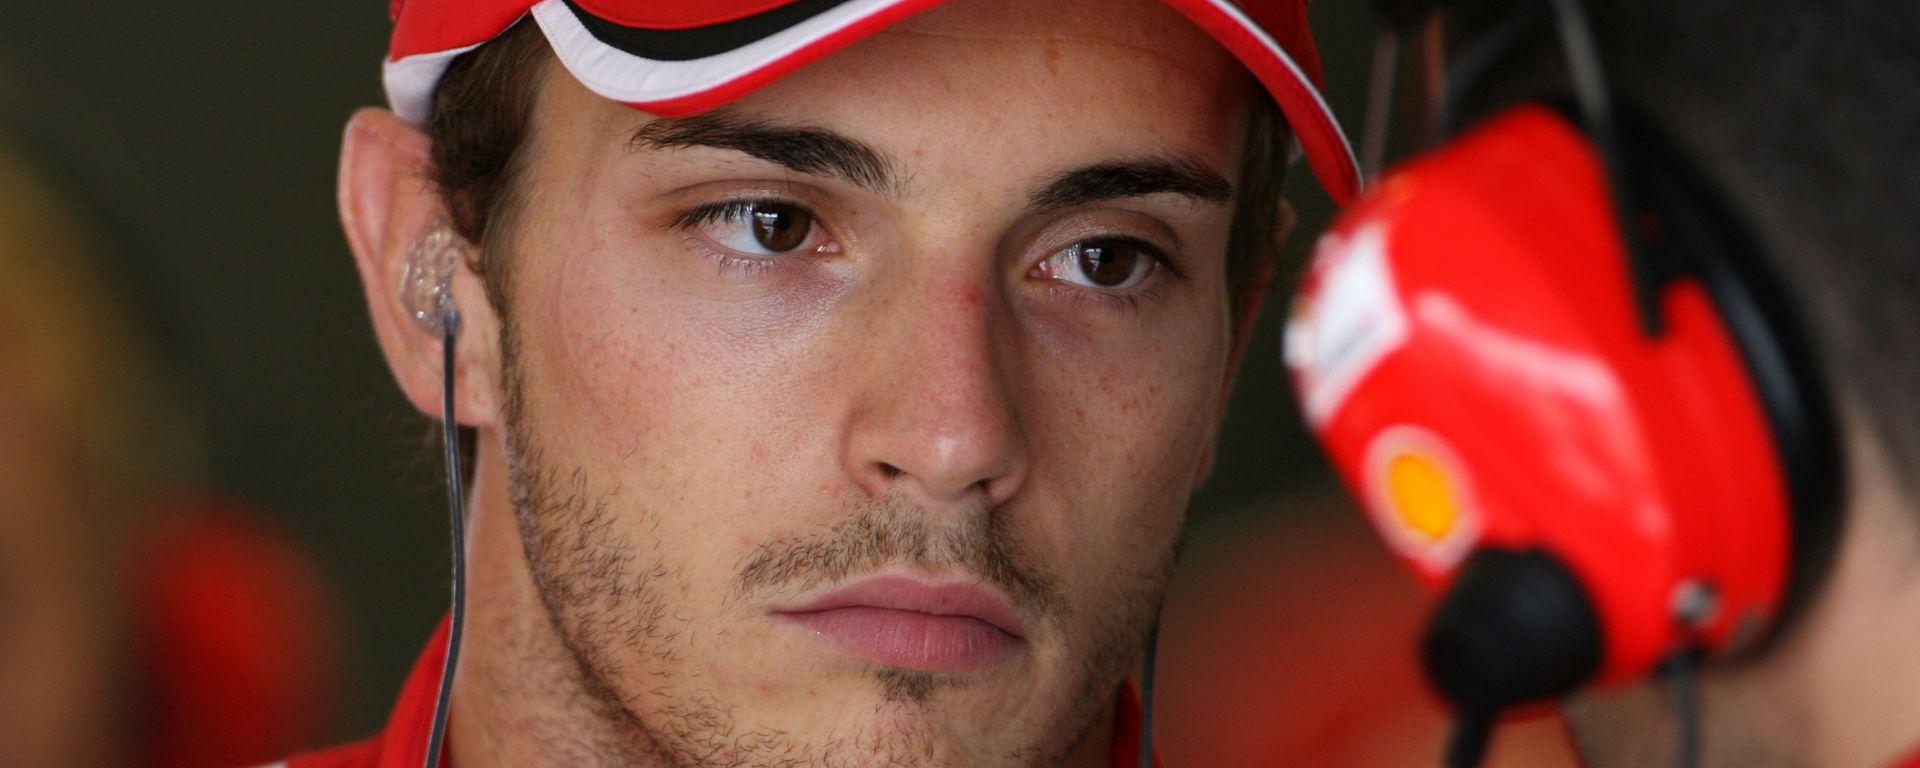 F1, test giovani piloti 2012: Jules Bianchi (Ferrari)